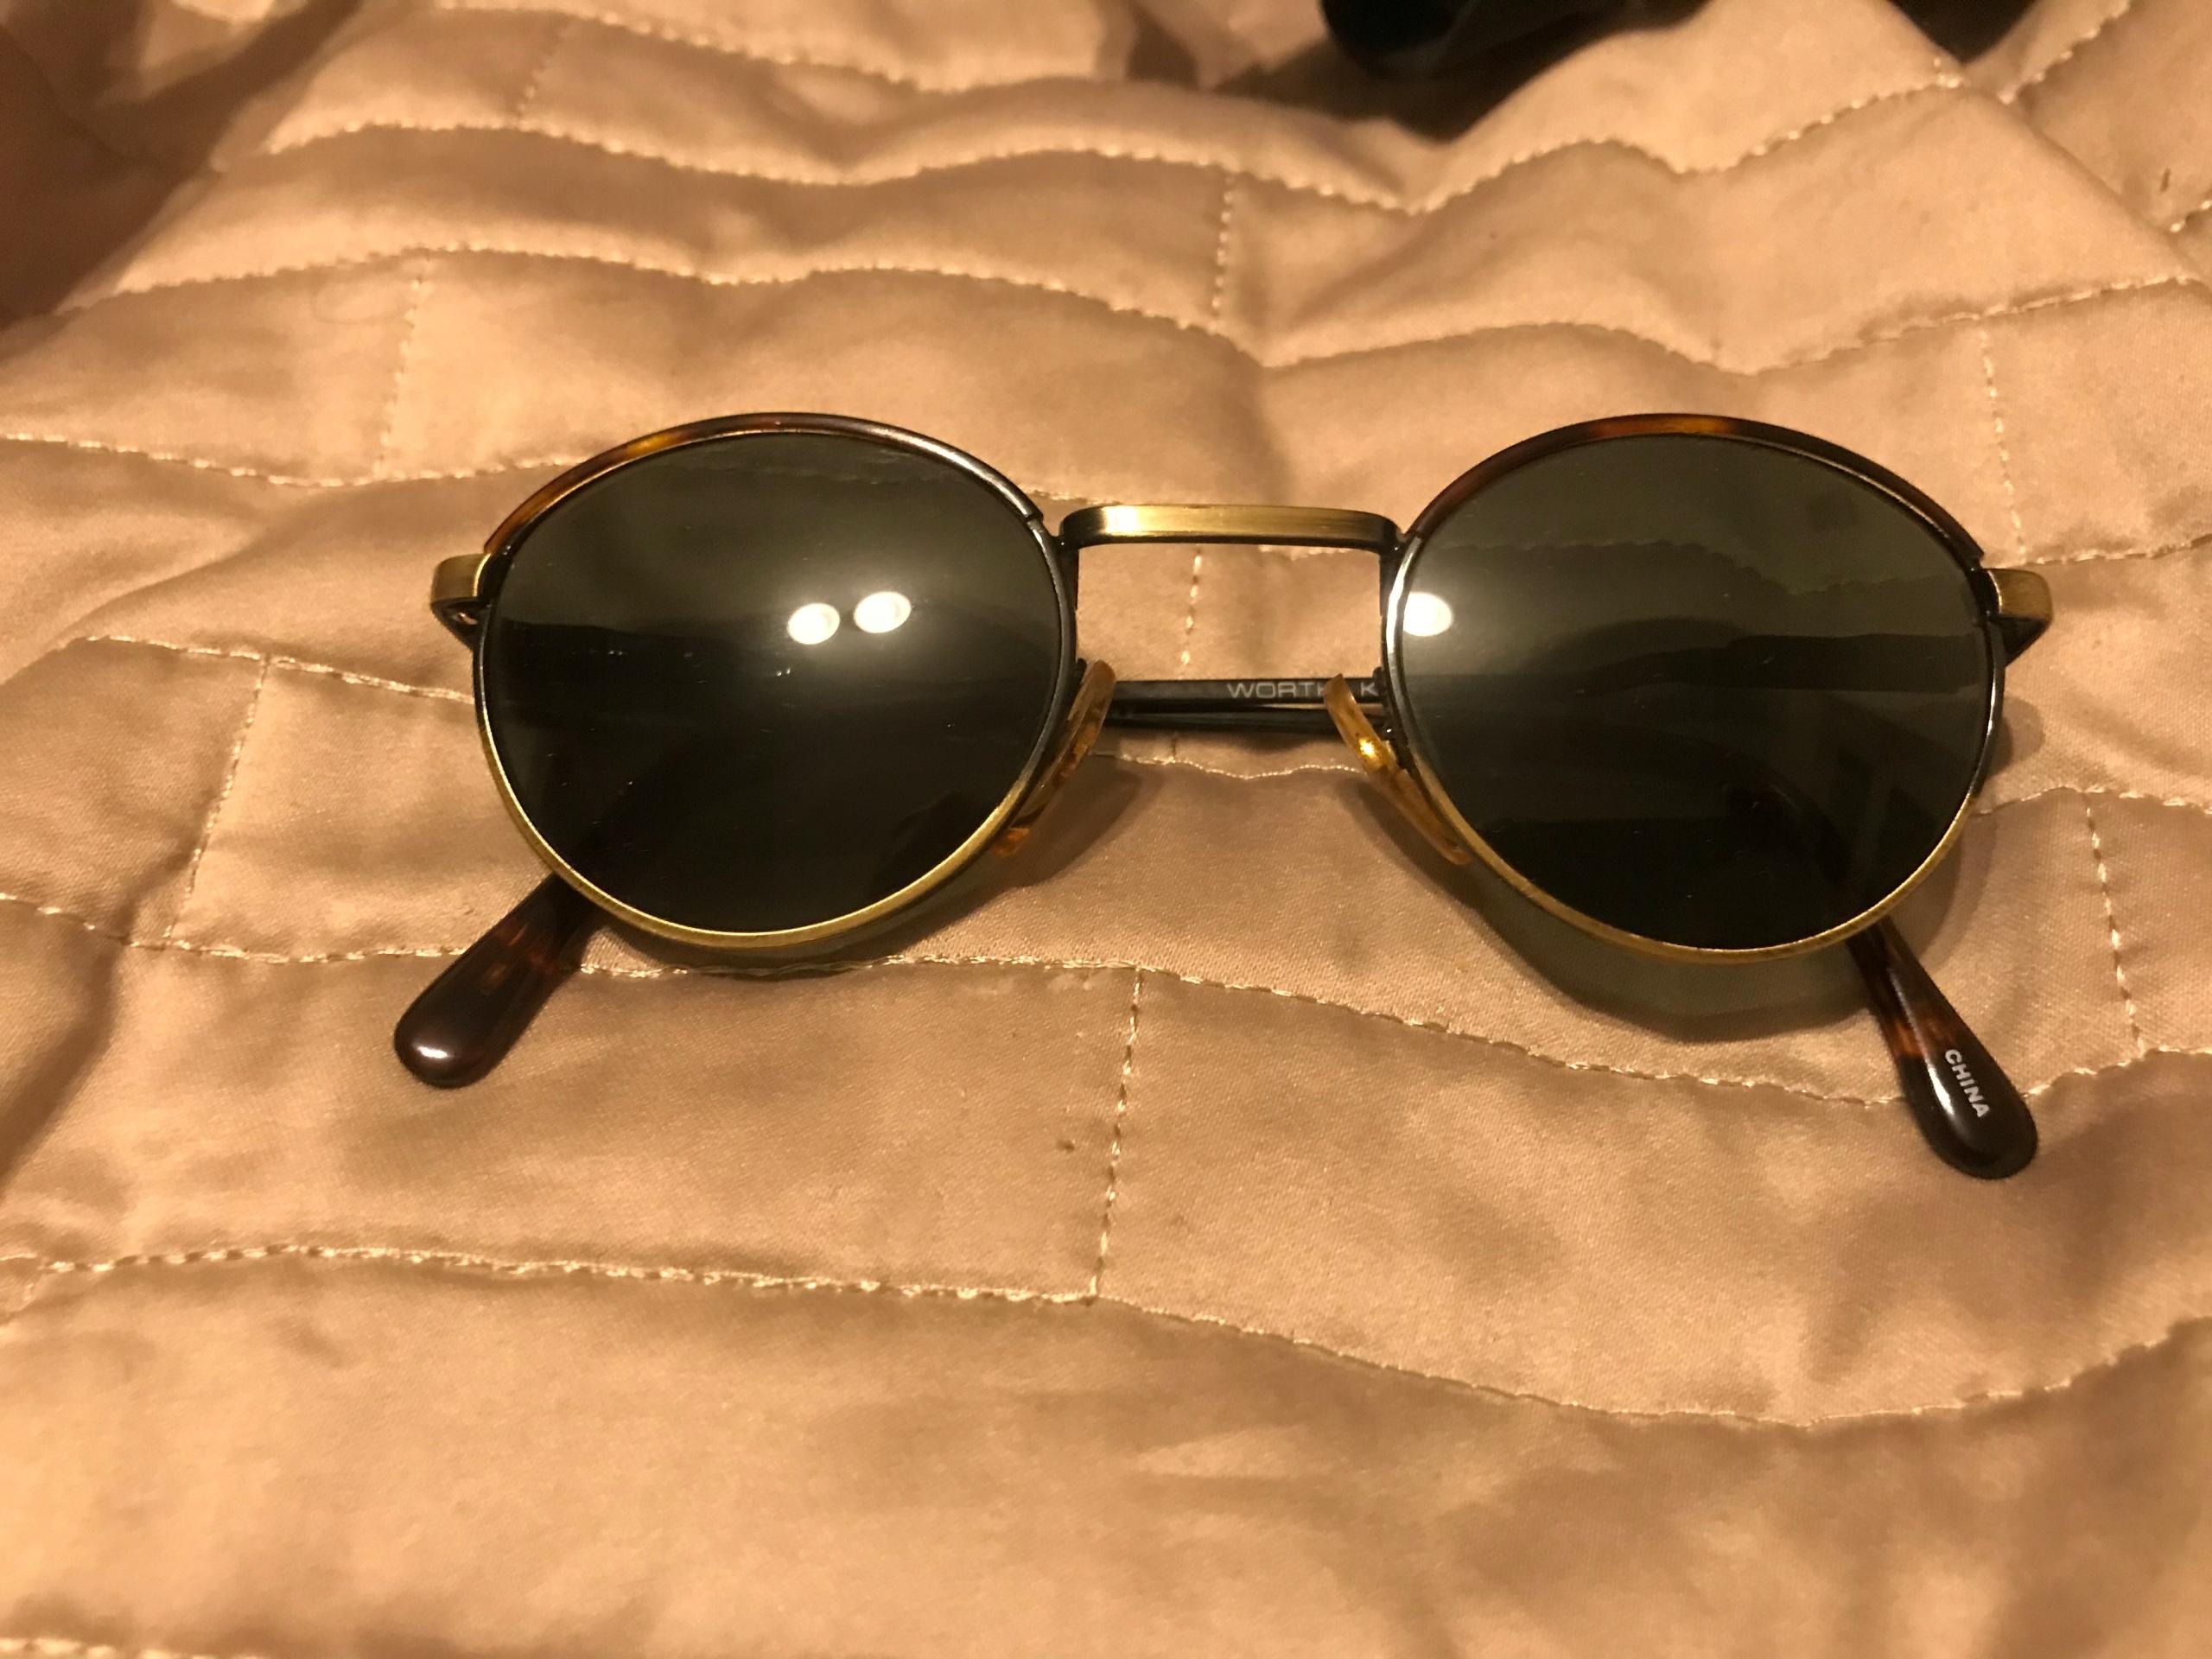 Okulary przeciwsloneczne damskie DKNY WORTH